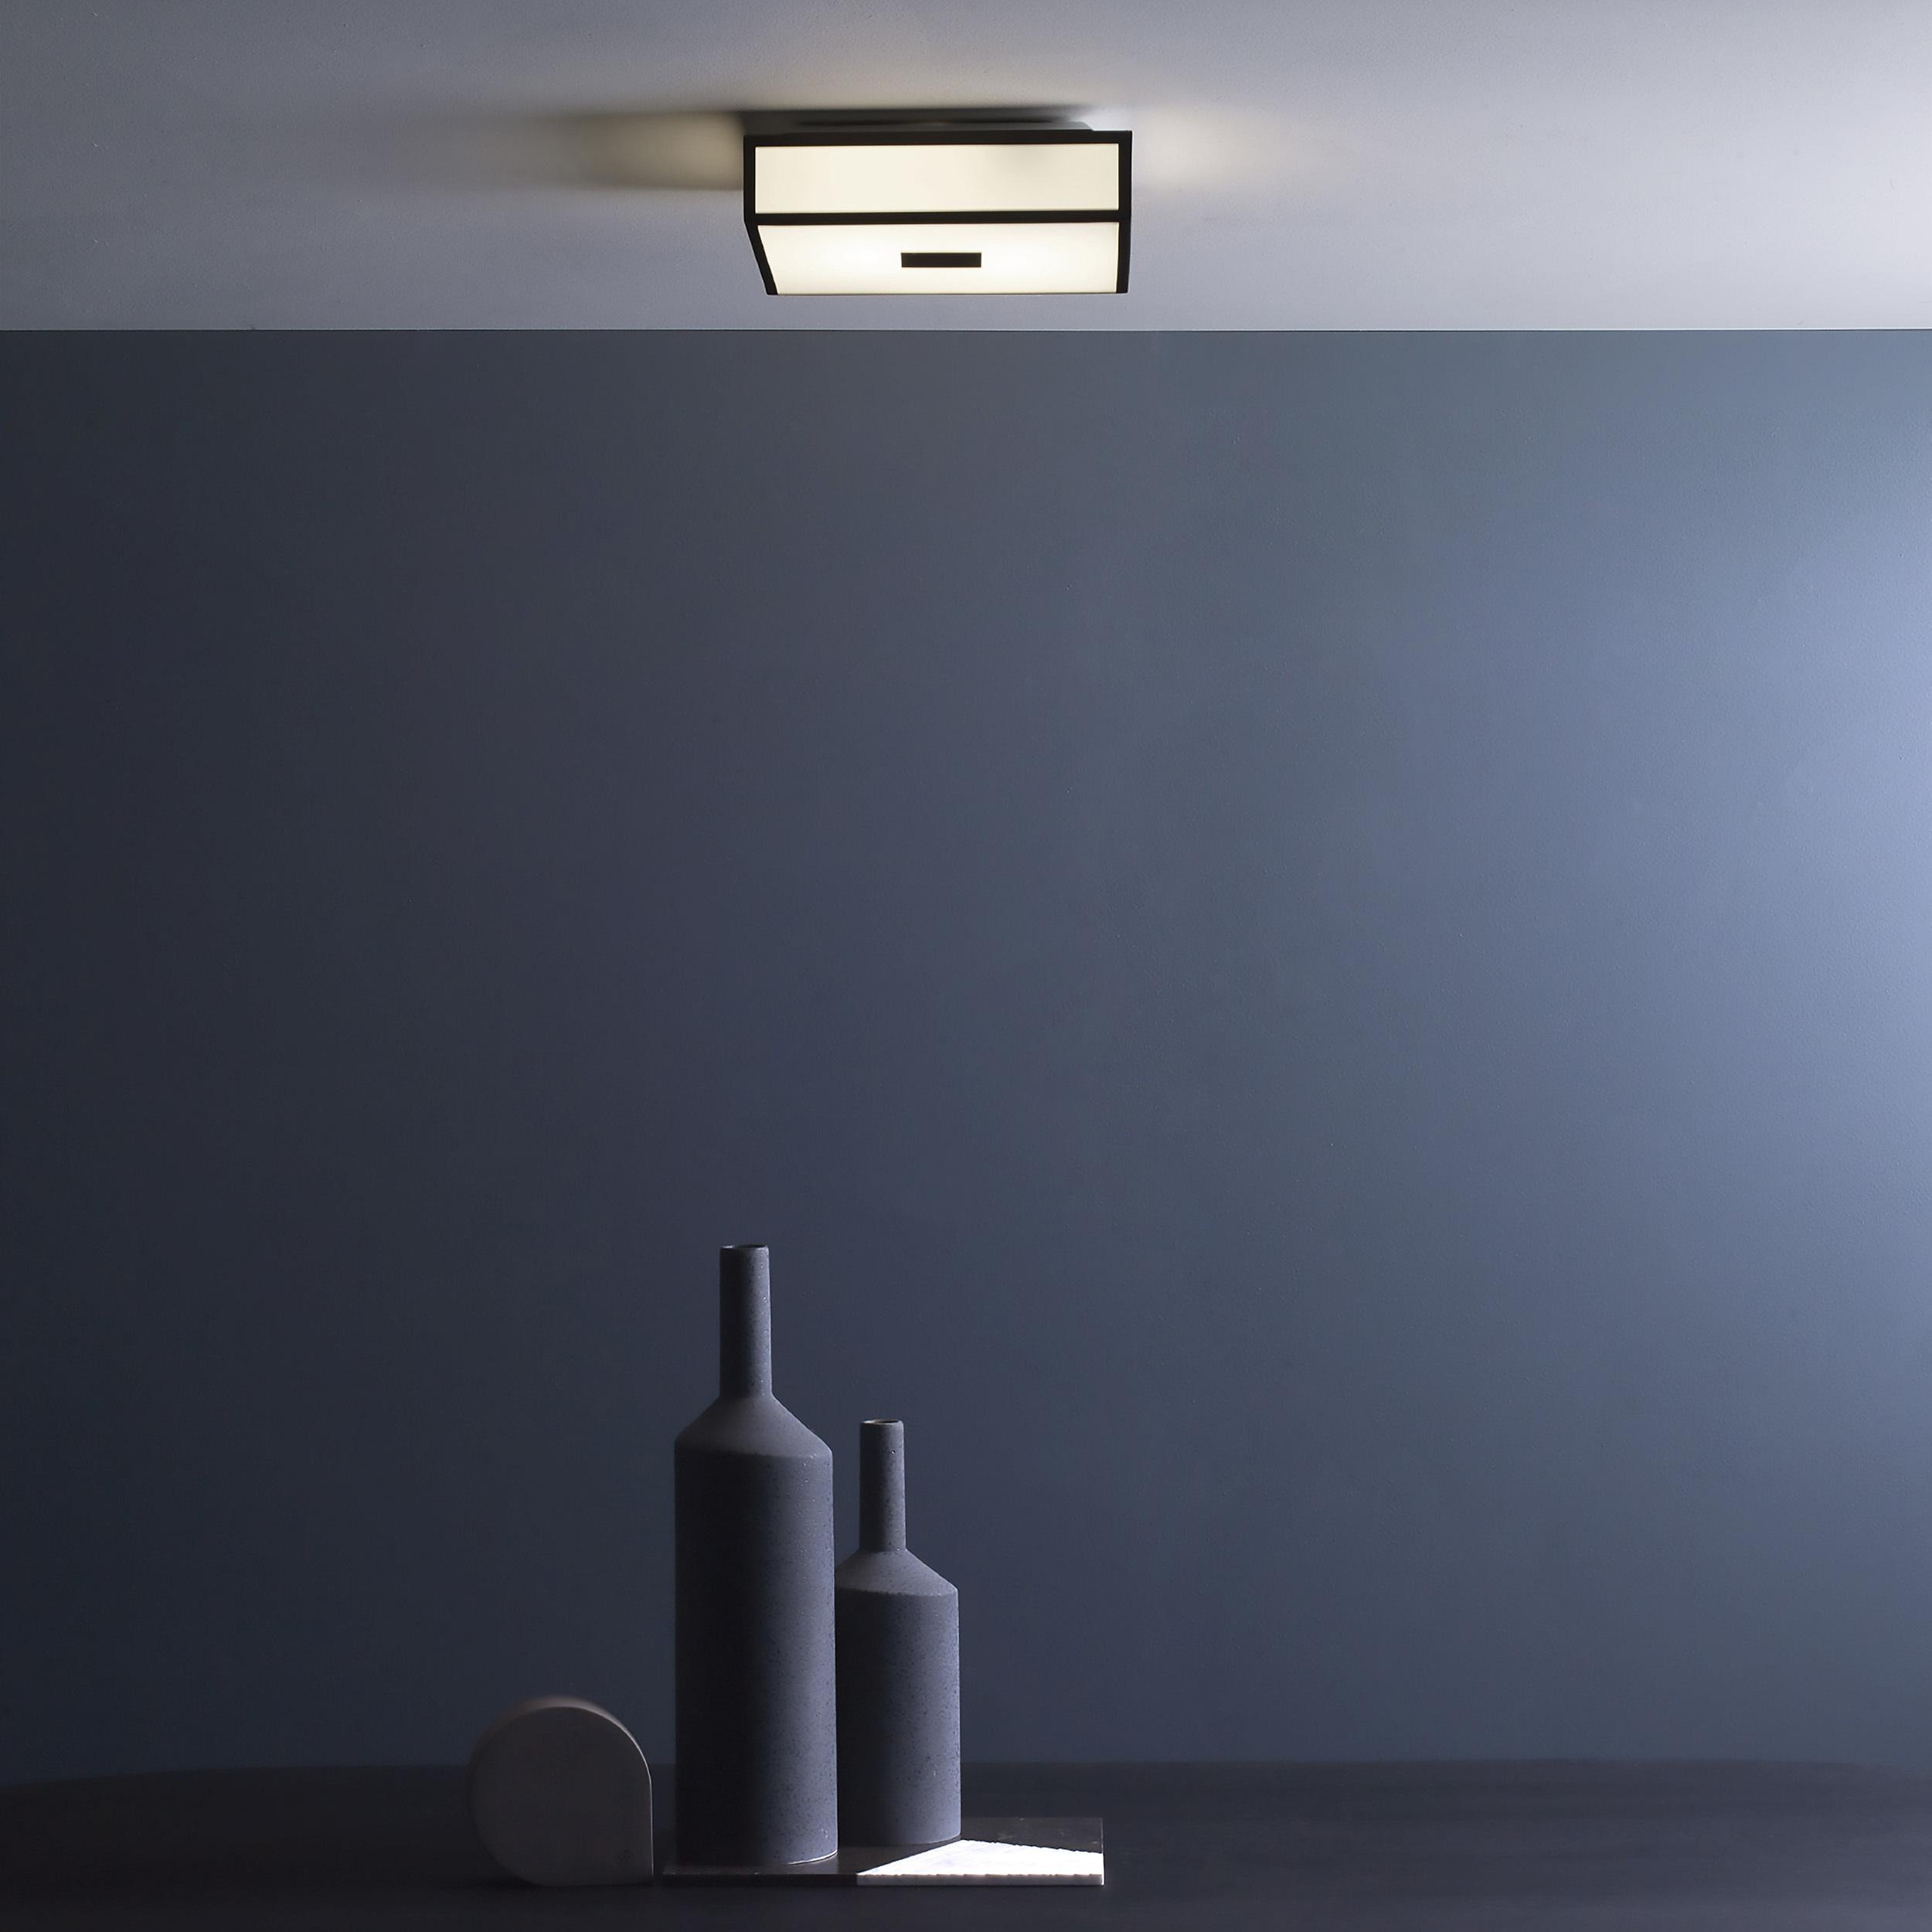 Потолочный светодиодный светильник Astro Mashiko LED 1121081 (7942), IP44, LED 15,9W 2700K 981lm CRI>80, хром, стекло - фото 2